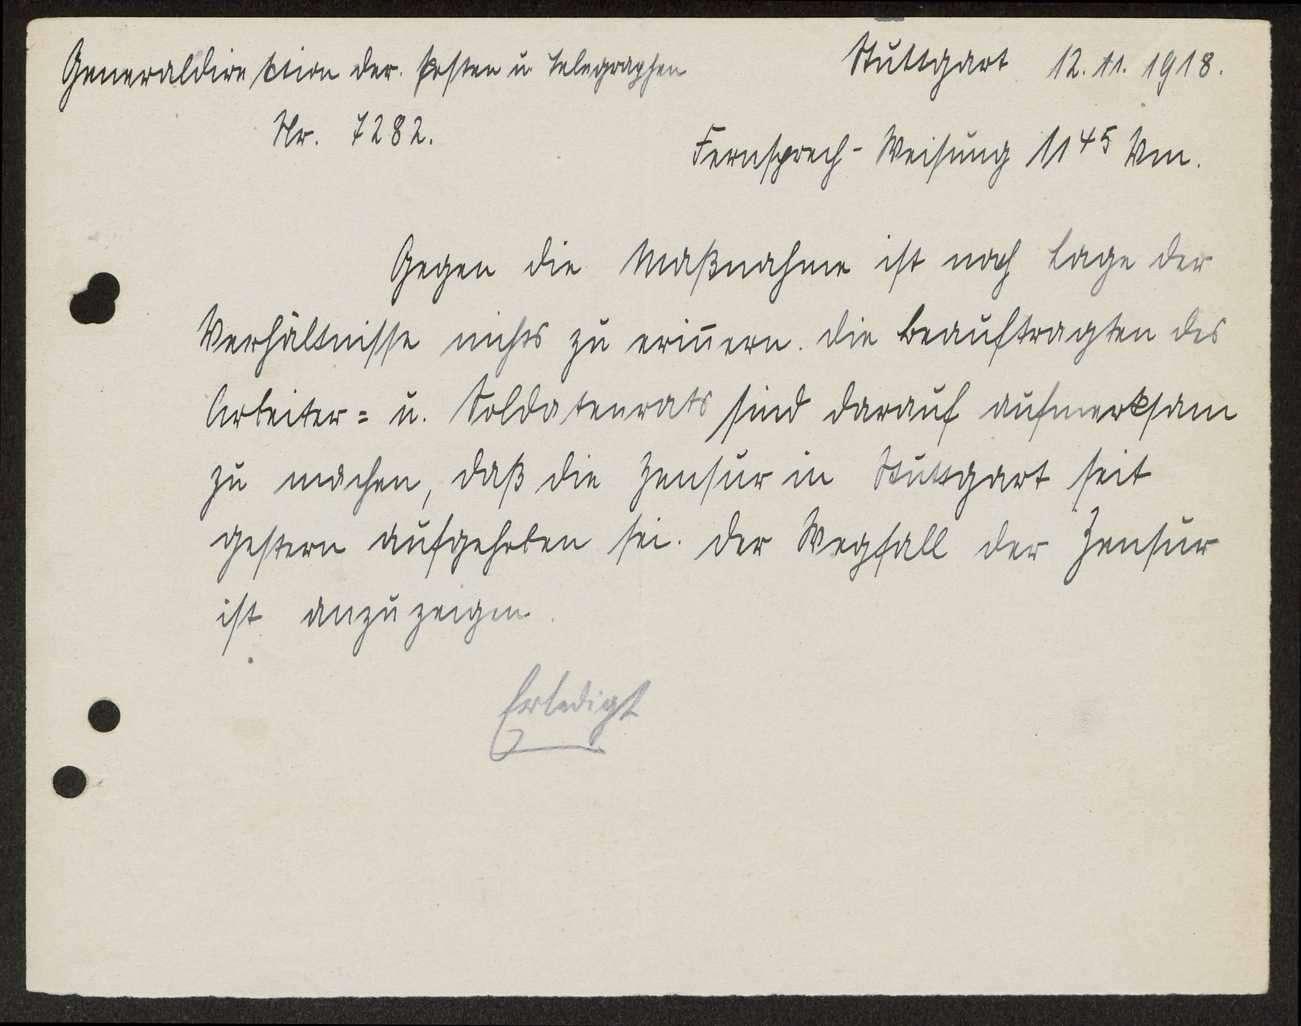 Mitteilung der Generaldirektion der Posten und Telegrafen über die Aufhebung der Zensur; Aufforderung zur Bekanntgabe an die Mannschaften, Bild 1